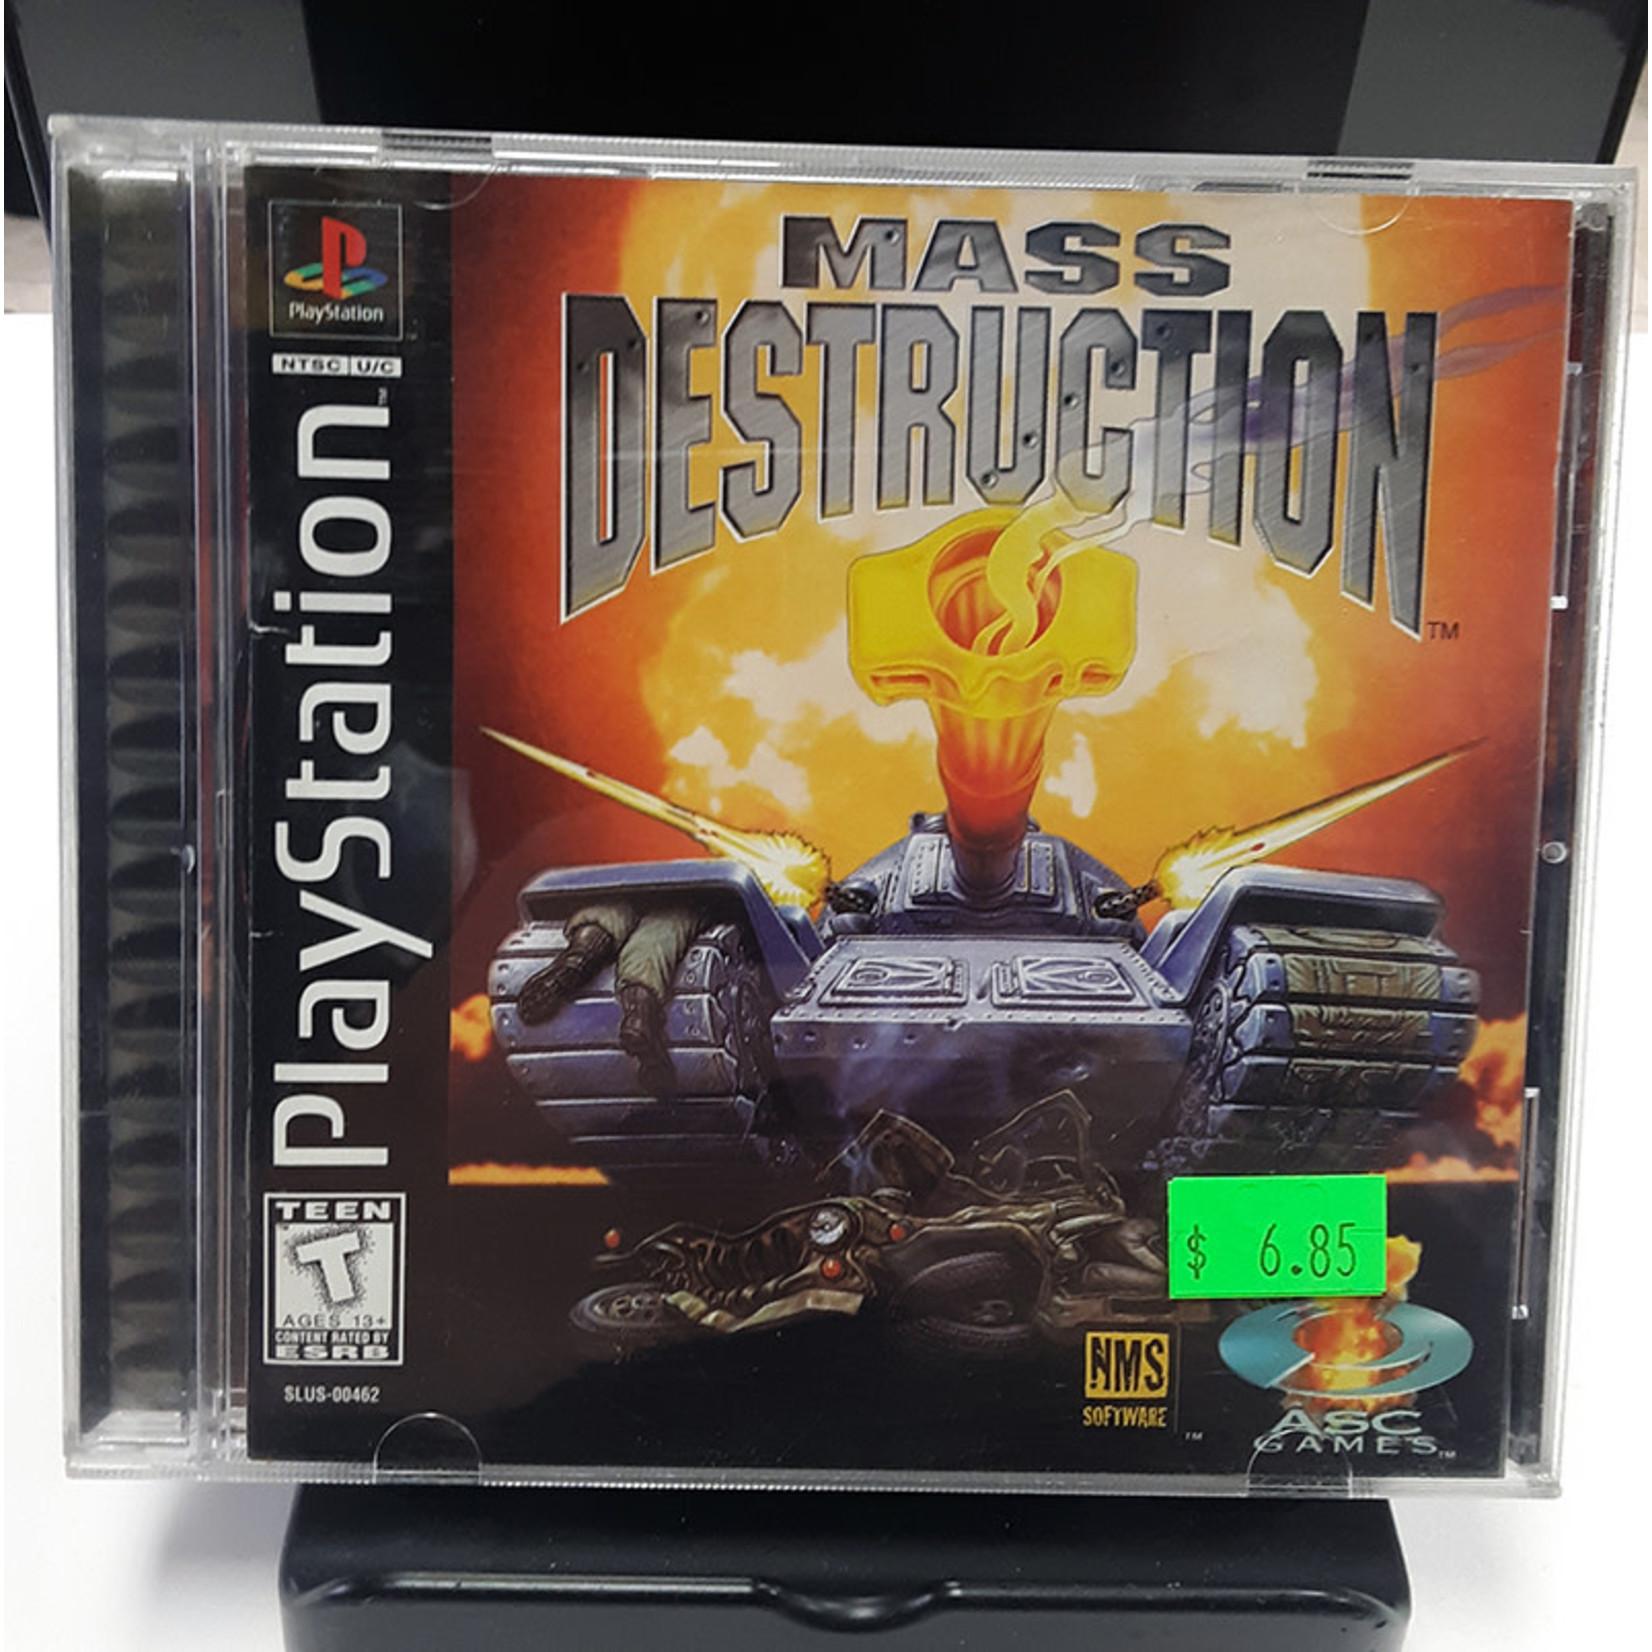 ps1u-mass destruction